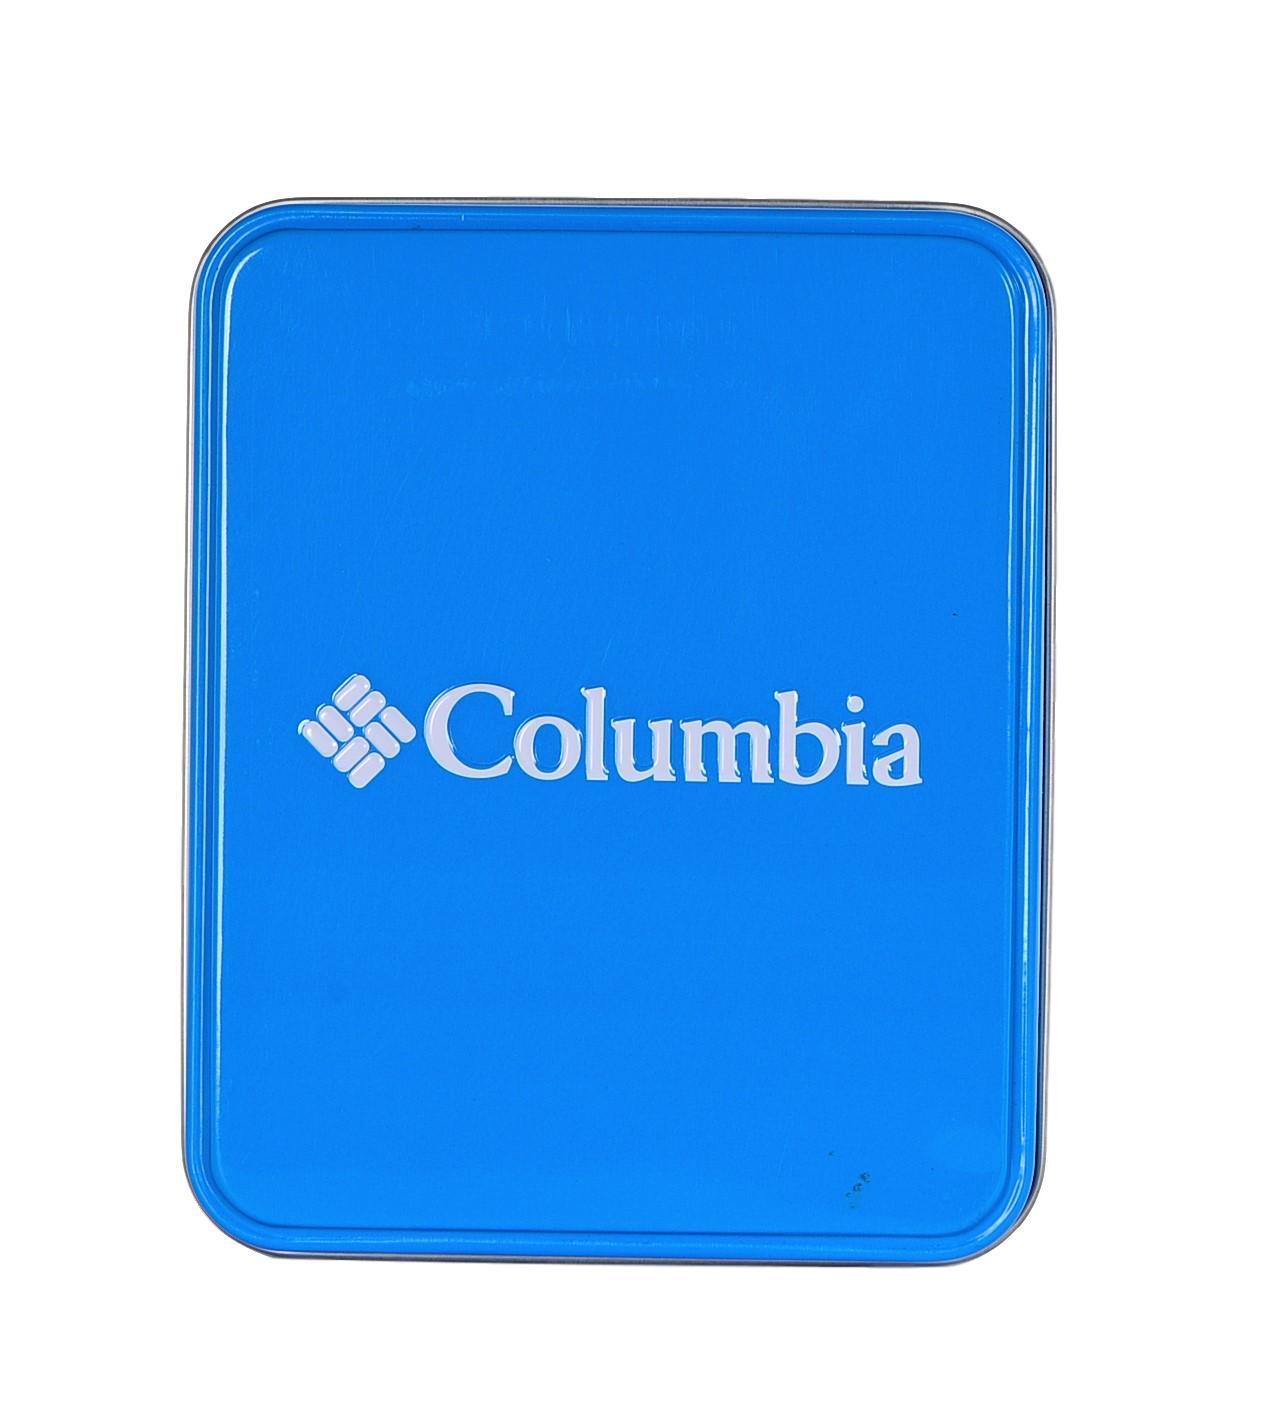 Columbia-Herren-Rfid-Sicherheit-Sperrung-Geldboerse-Integrierter-Shield-Geldboerse Indexbild 10